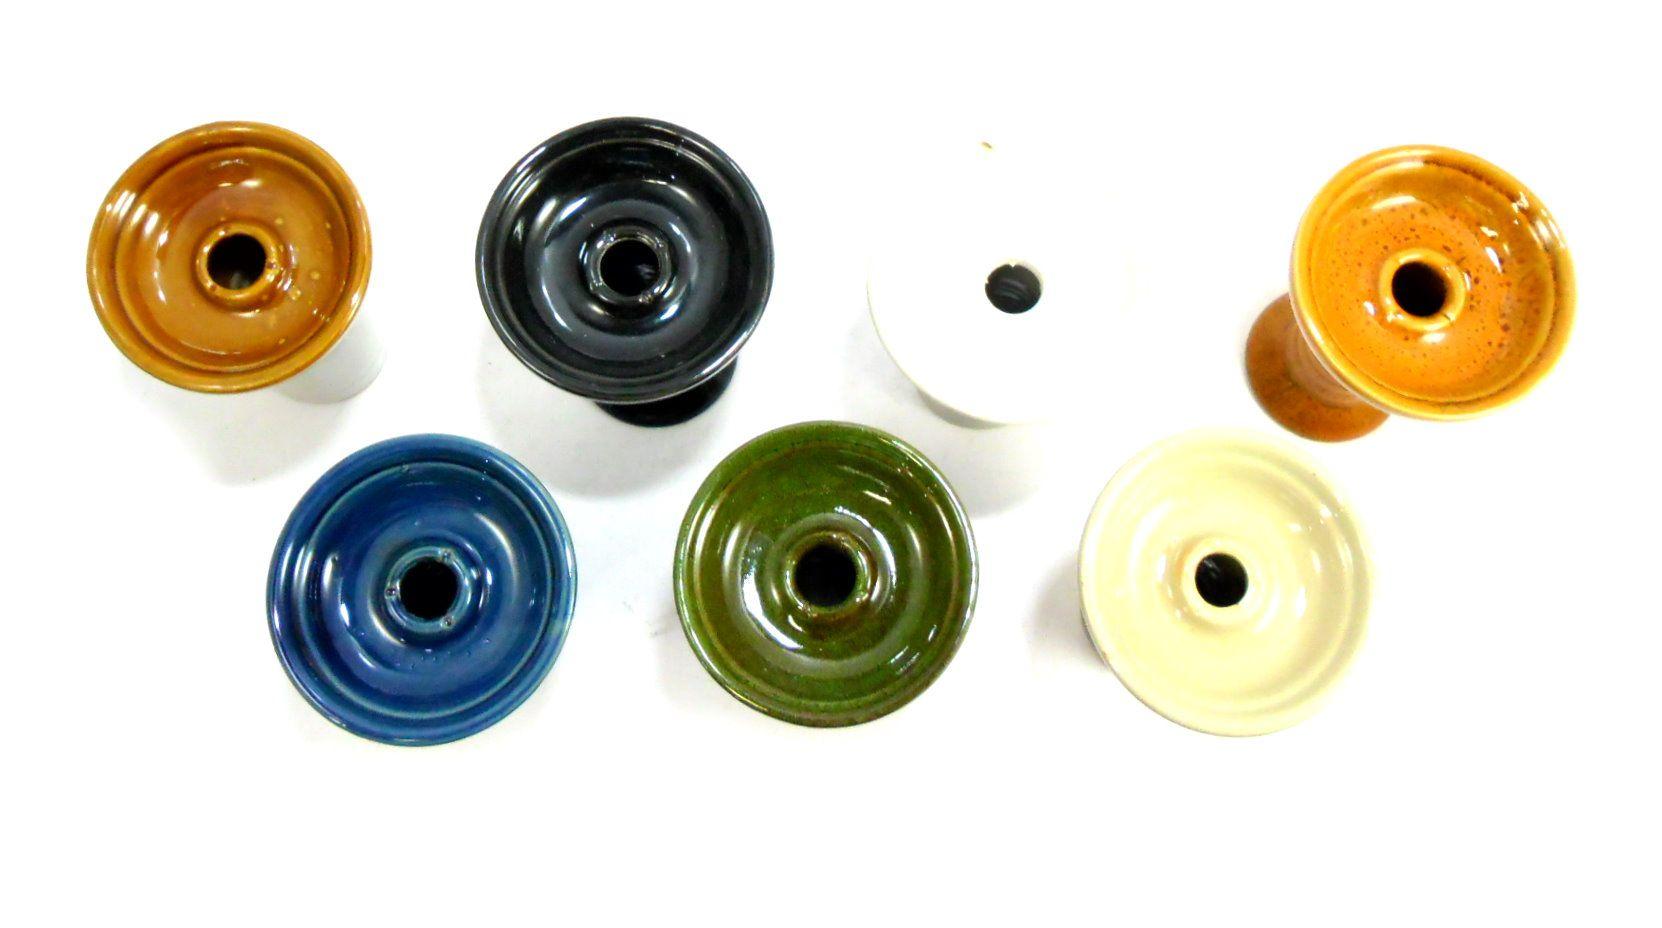 Fornilho/Rosh para narguile MD3 tipo FUNIL (Phunnel), alongado, em cerâmica 10,5cm altura.